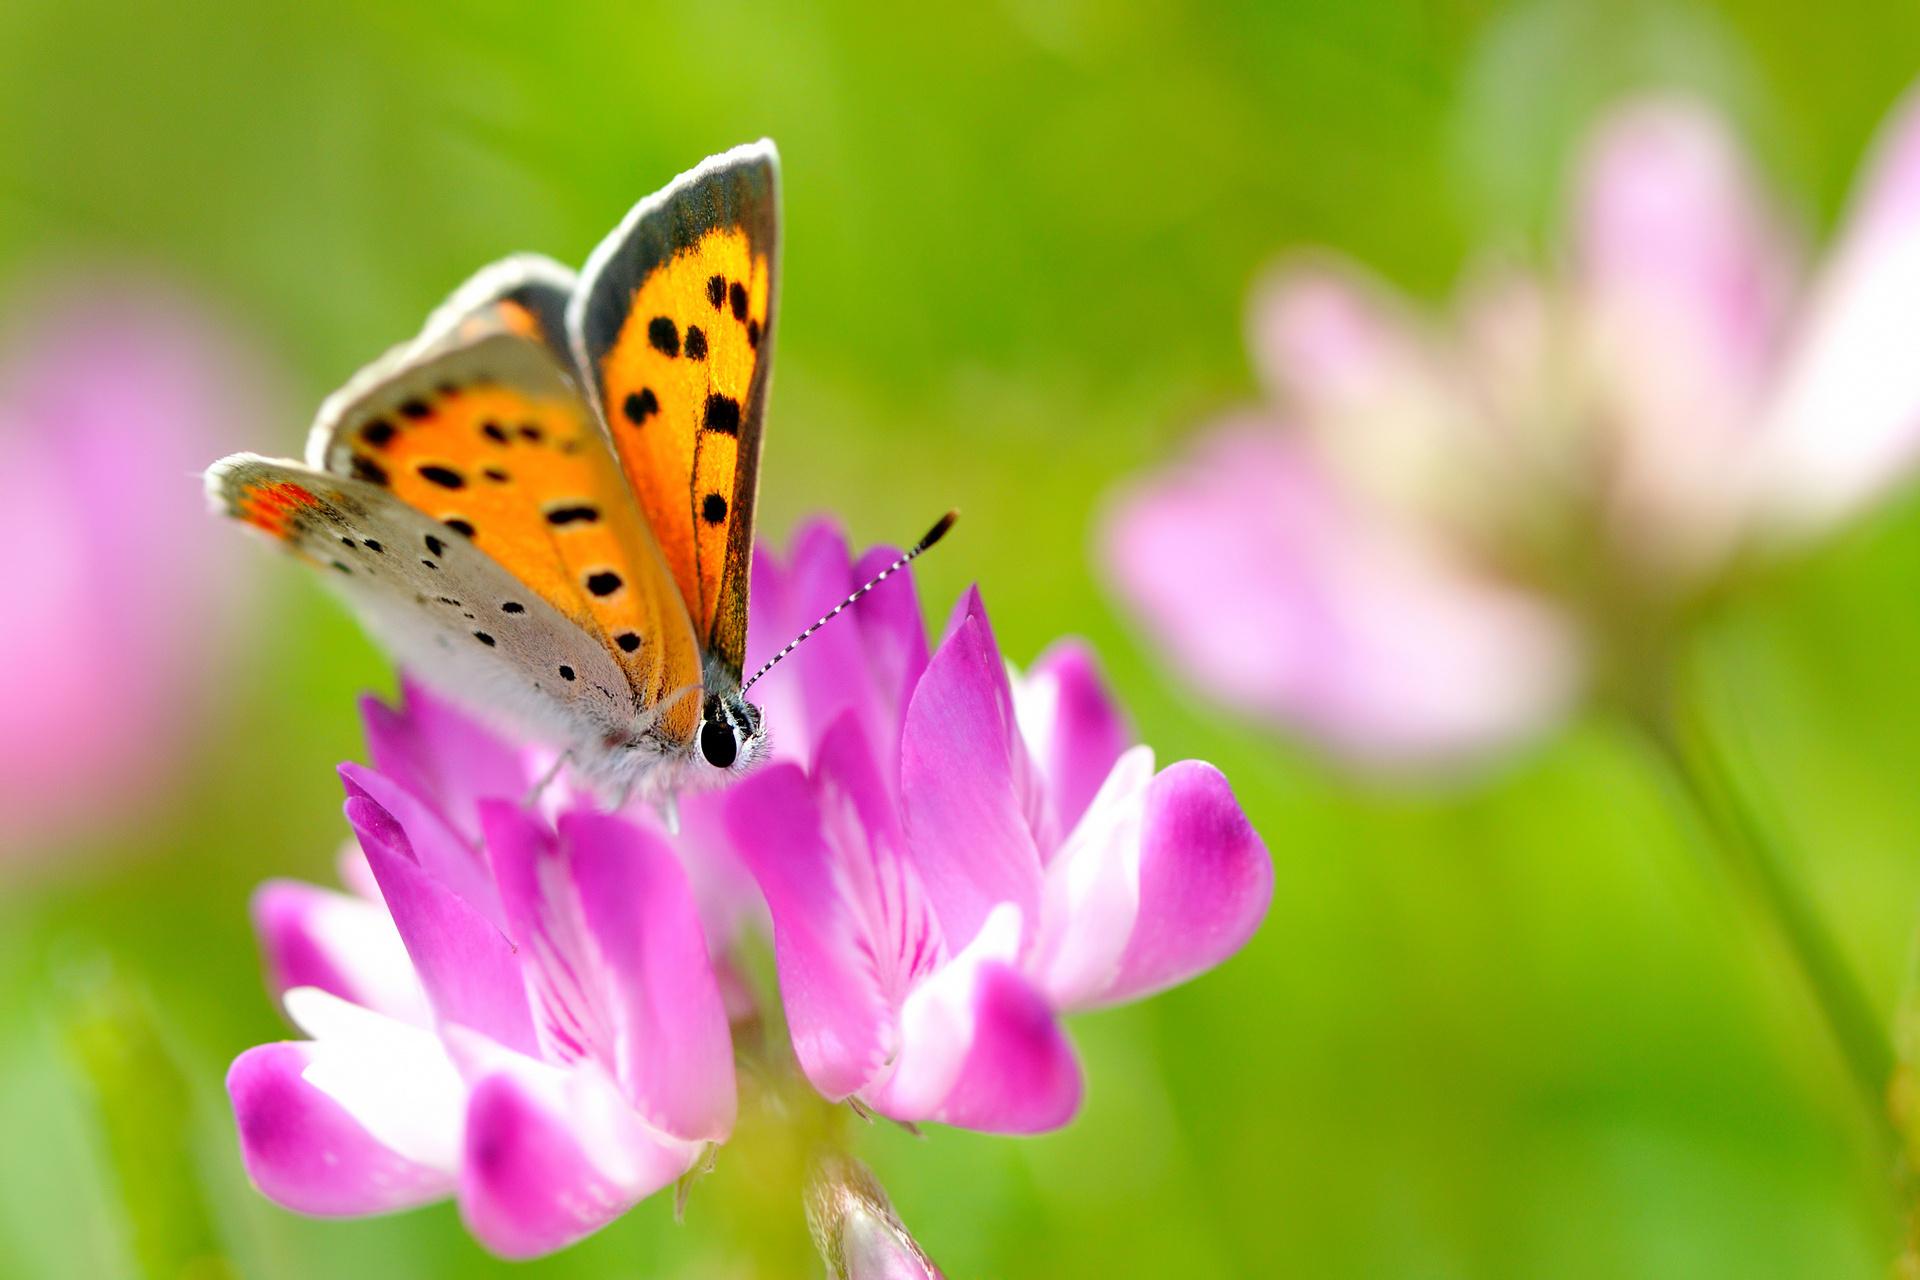 Скачать бесплатно обои бабочки на рабочий стол   подборка (32)